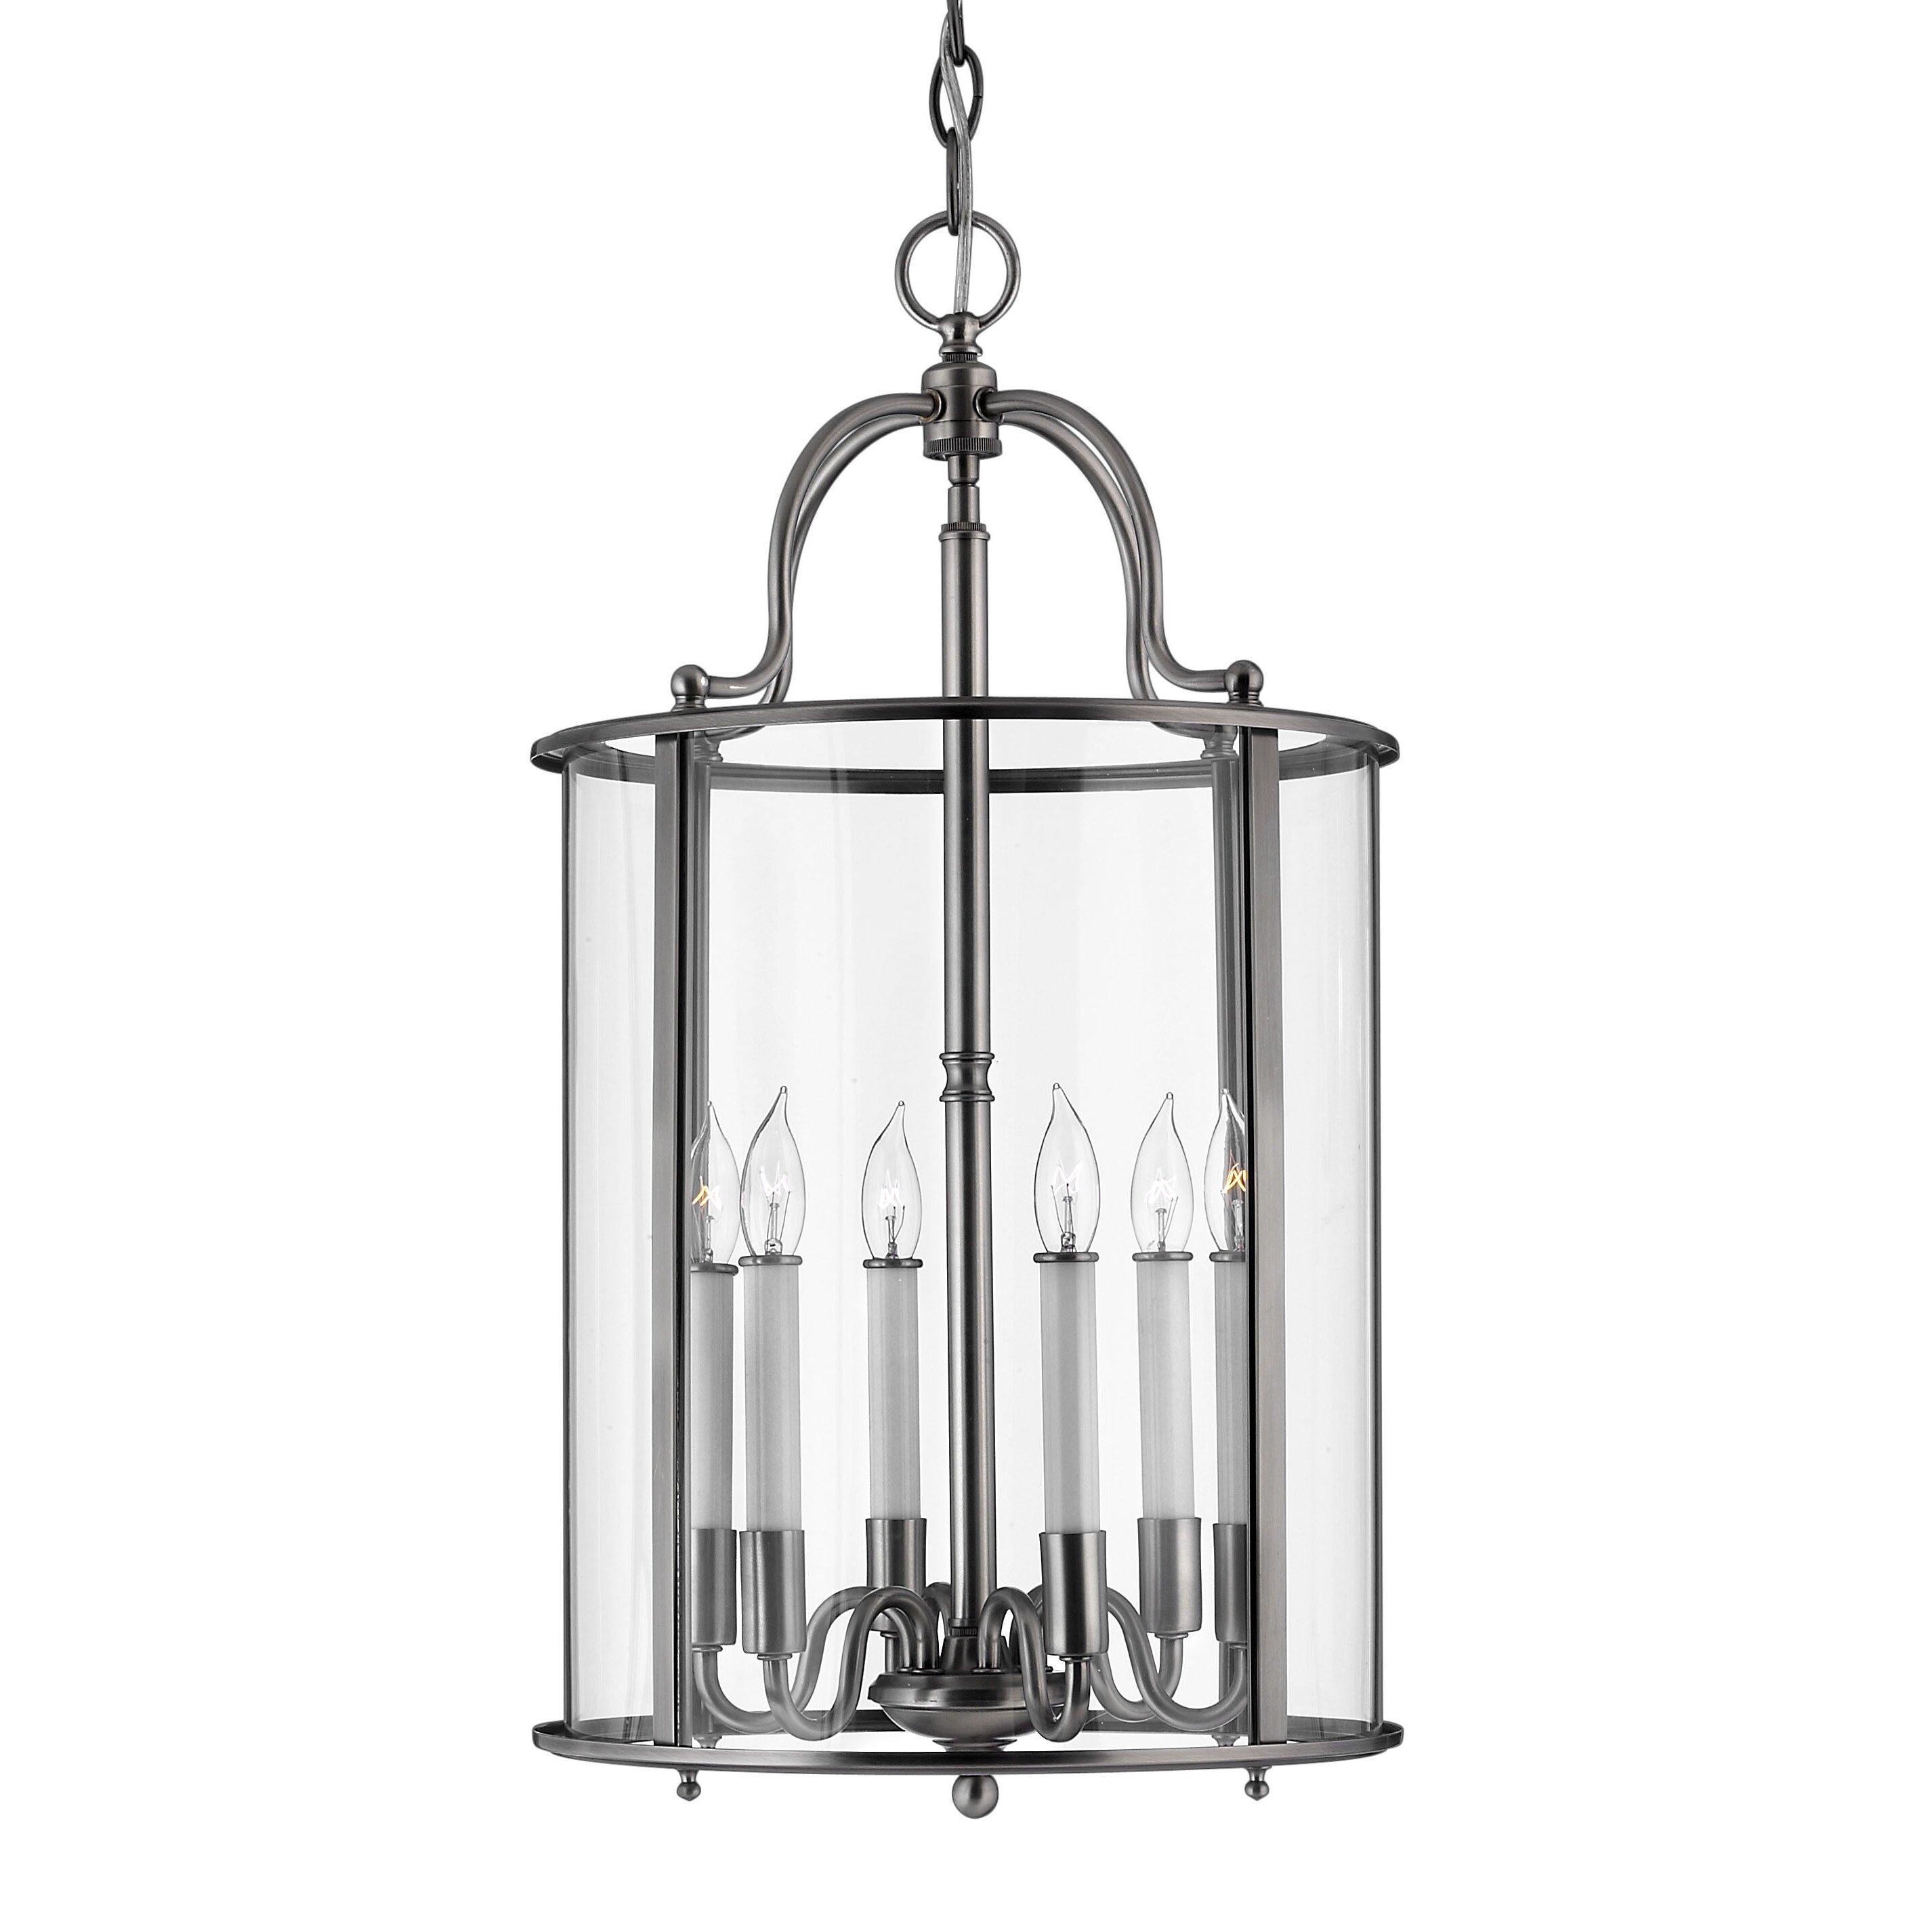 Hinkley Foyer Lighting : Hinkley lighting gentry light foyer pendant reviews